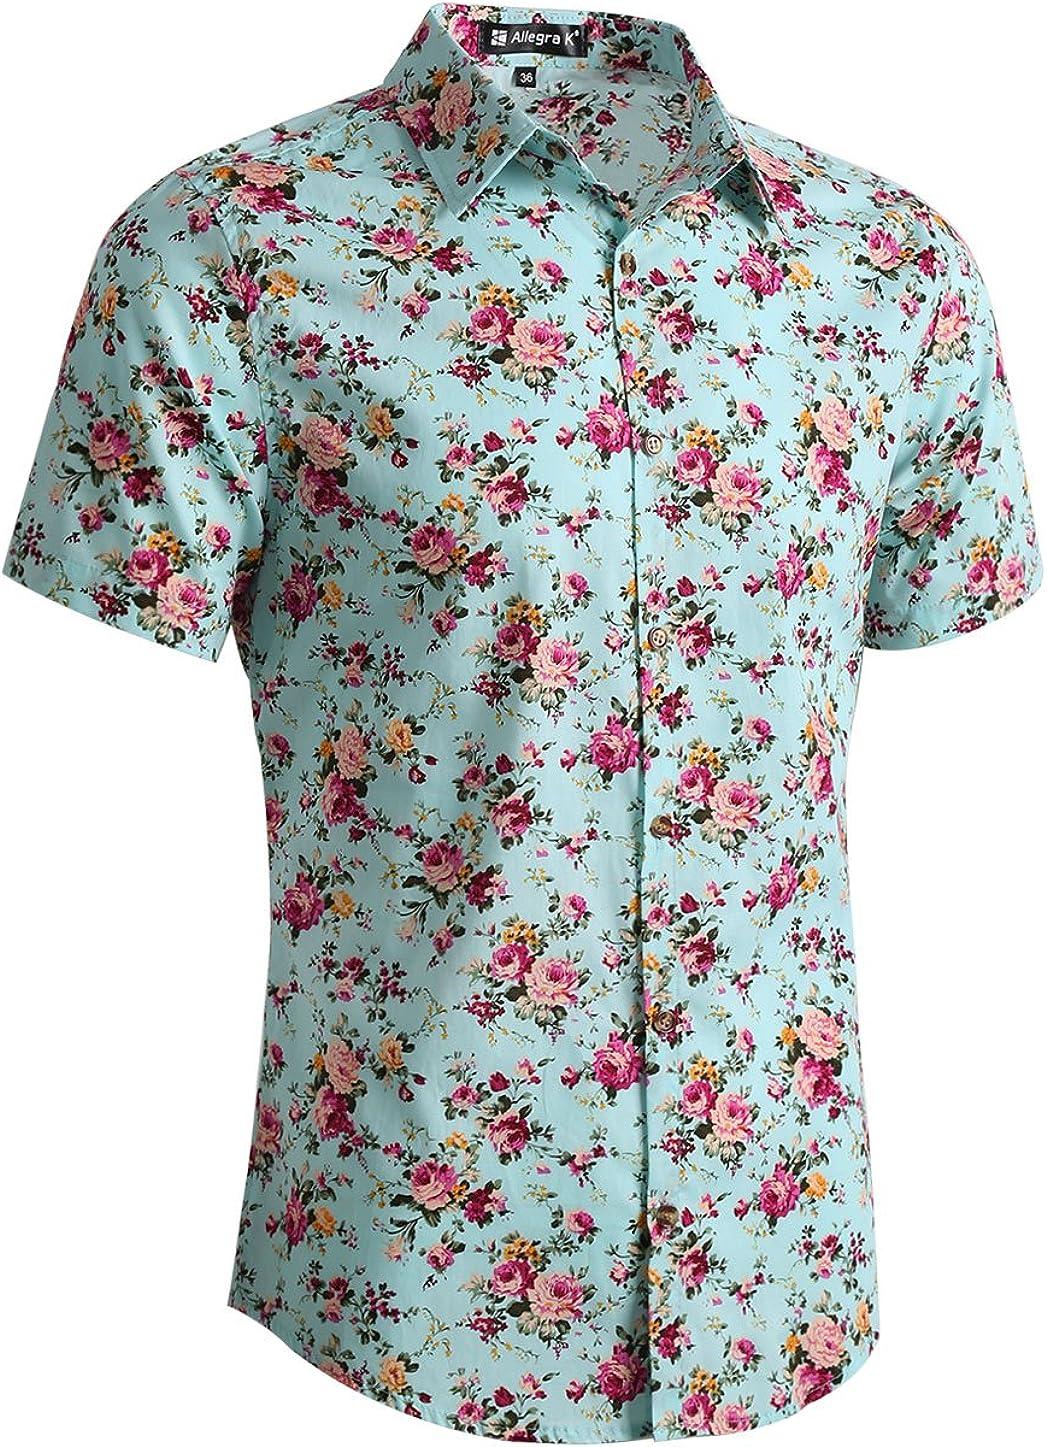 uxcell Men Short Sleeve Button Front Floral Print Cotton Beach Hawaiian Shirt